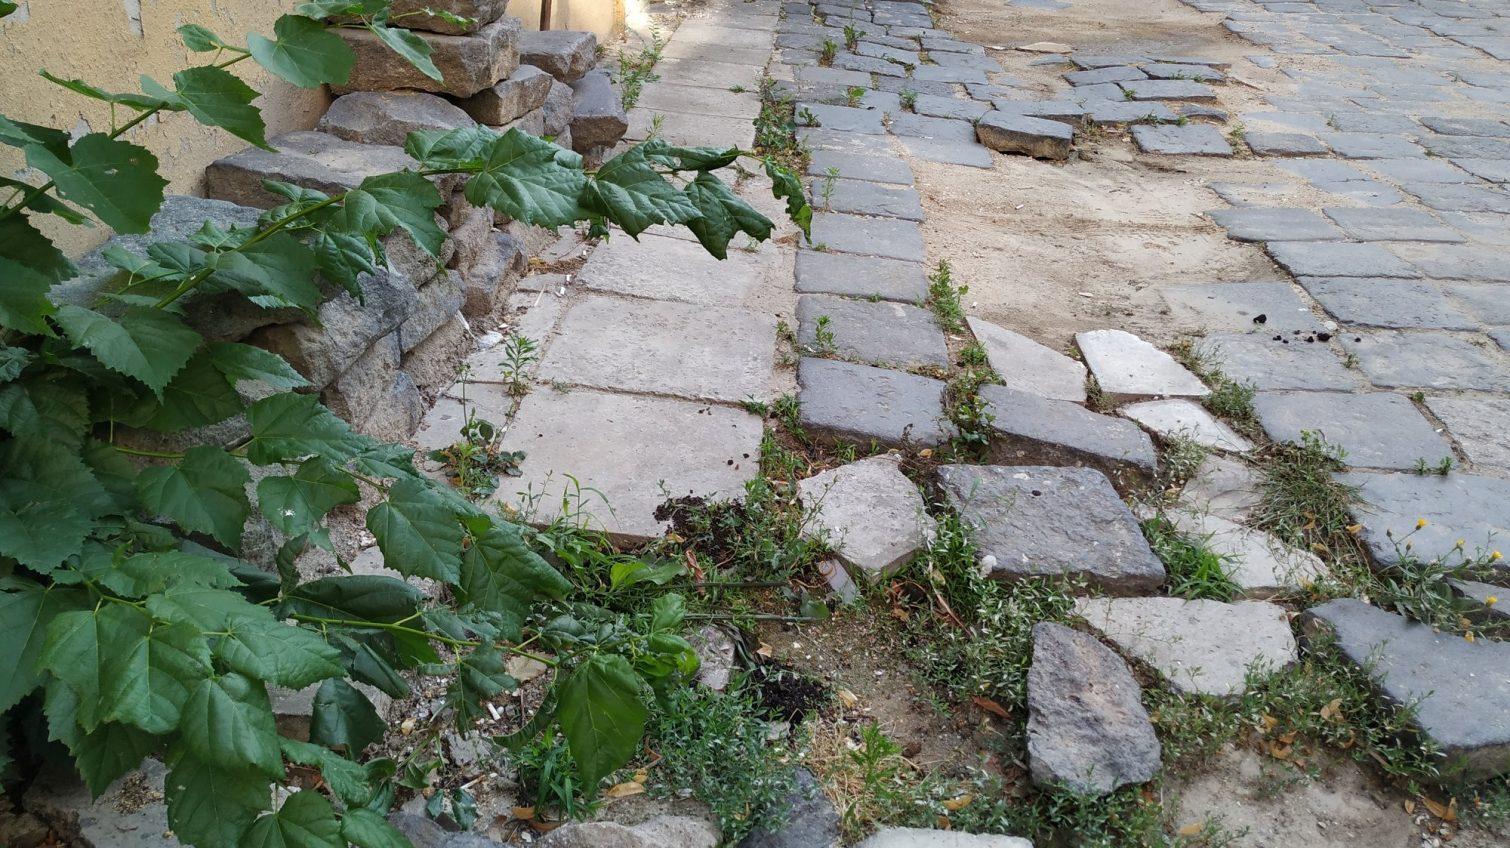 Во время реставрации дома Маразли историческую лавовую плитку бросили во дворе (фото) «фото»